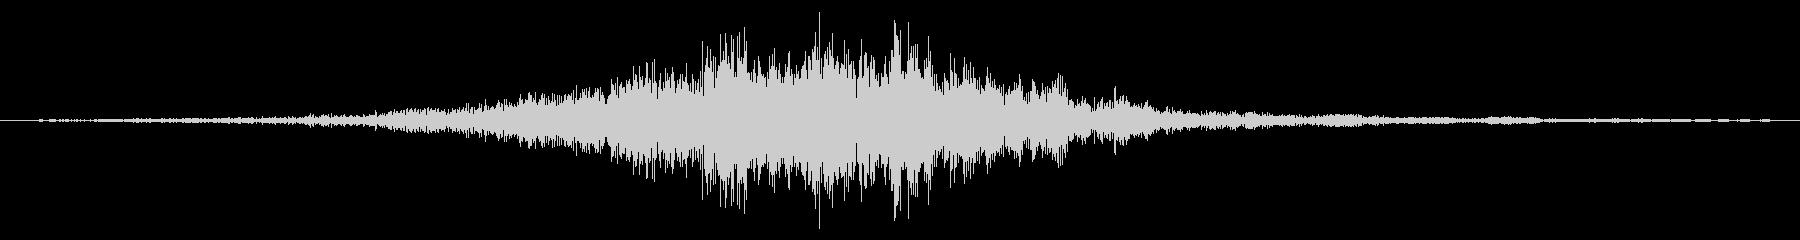 シューッという音EC07_86_2の未再生の波形